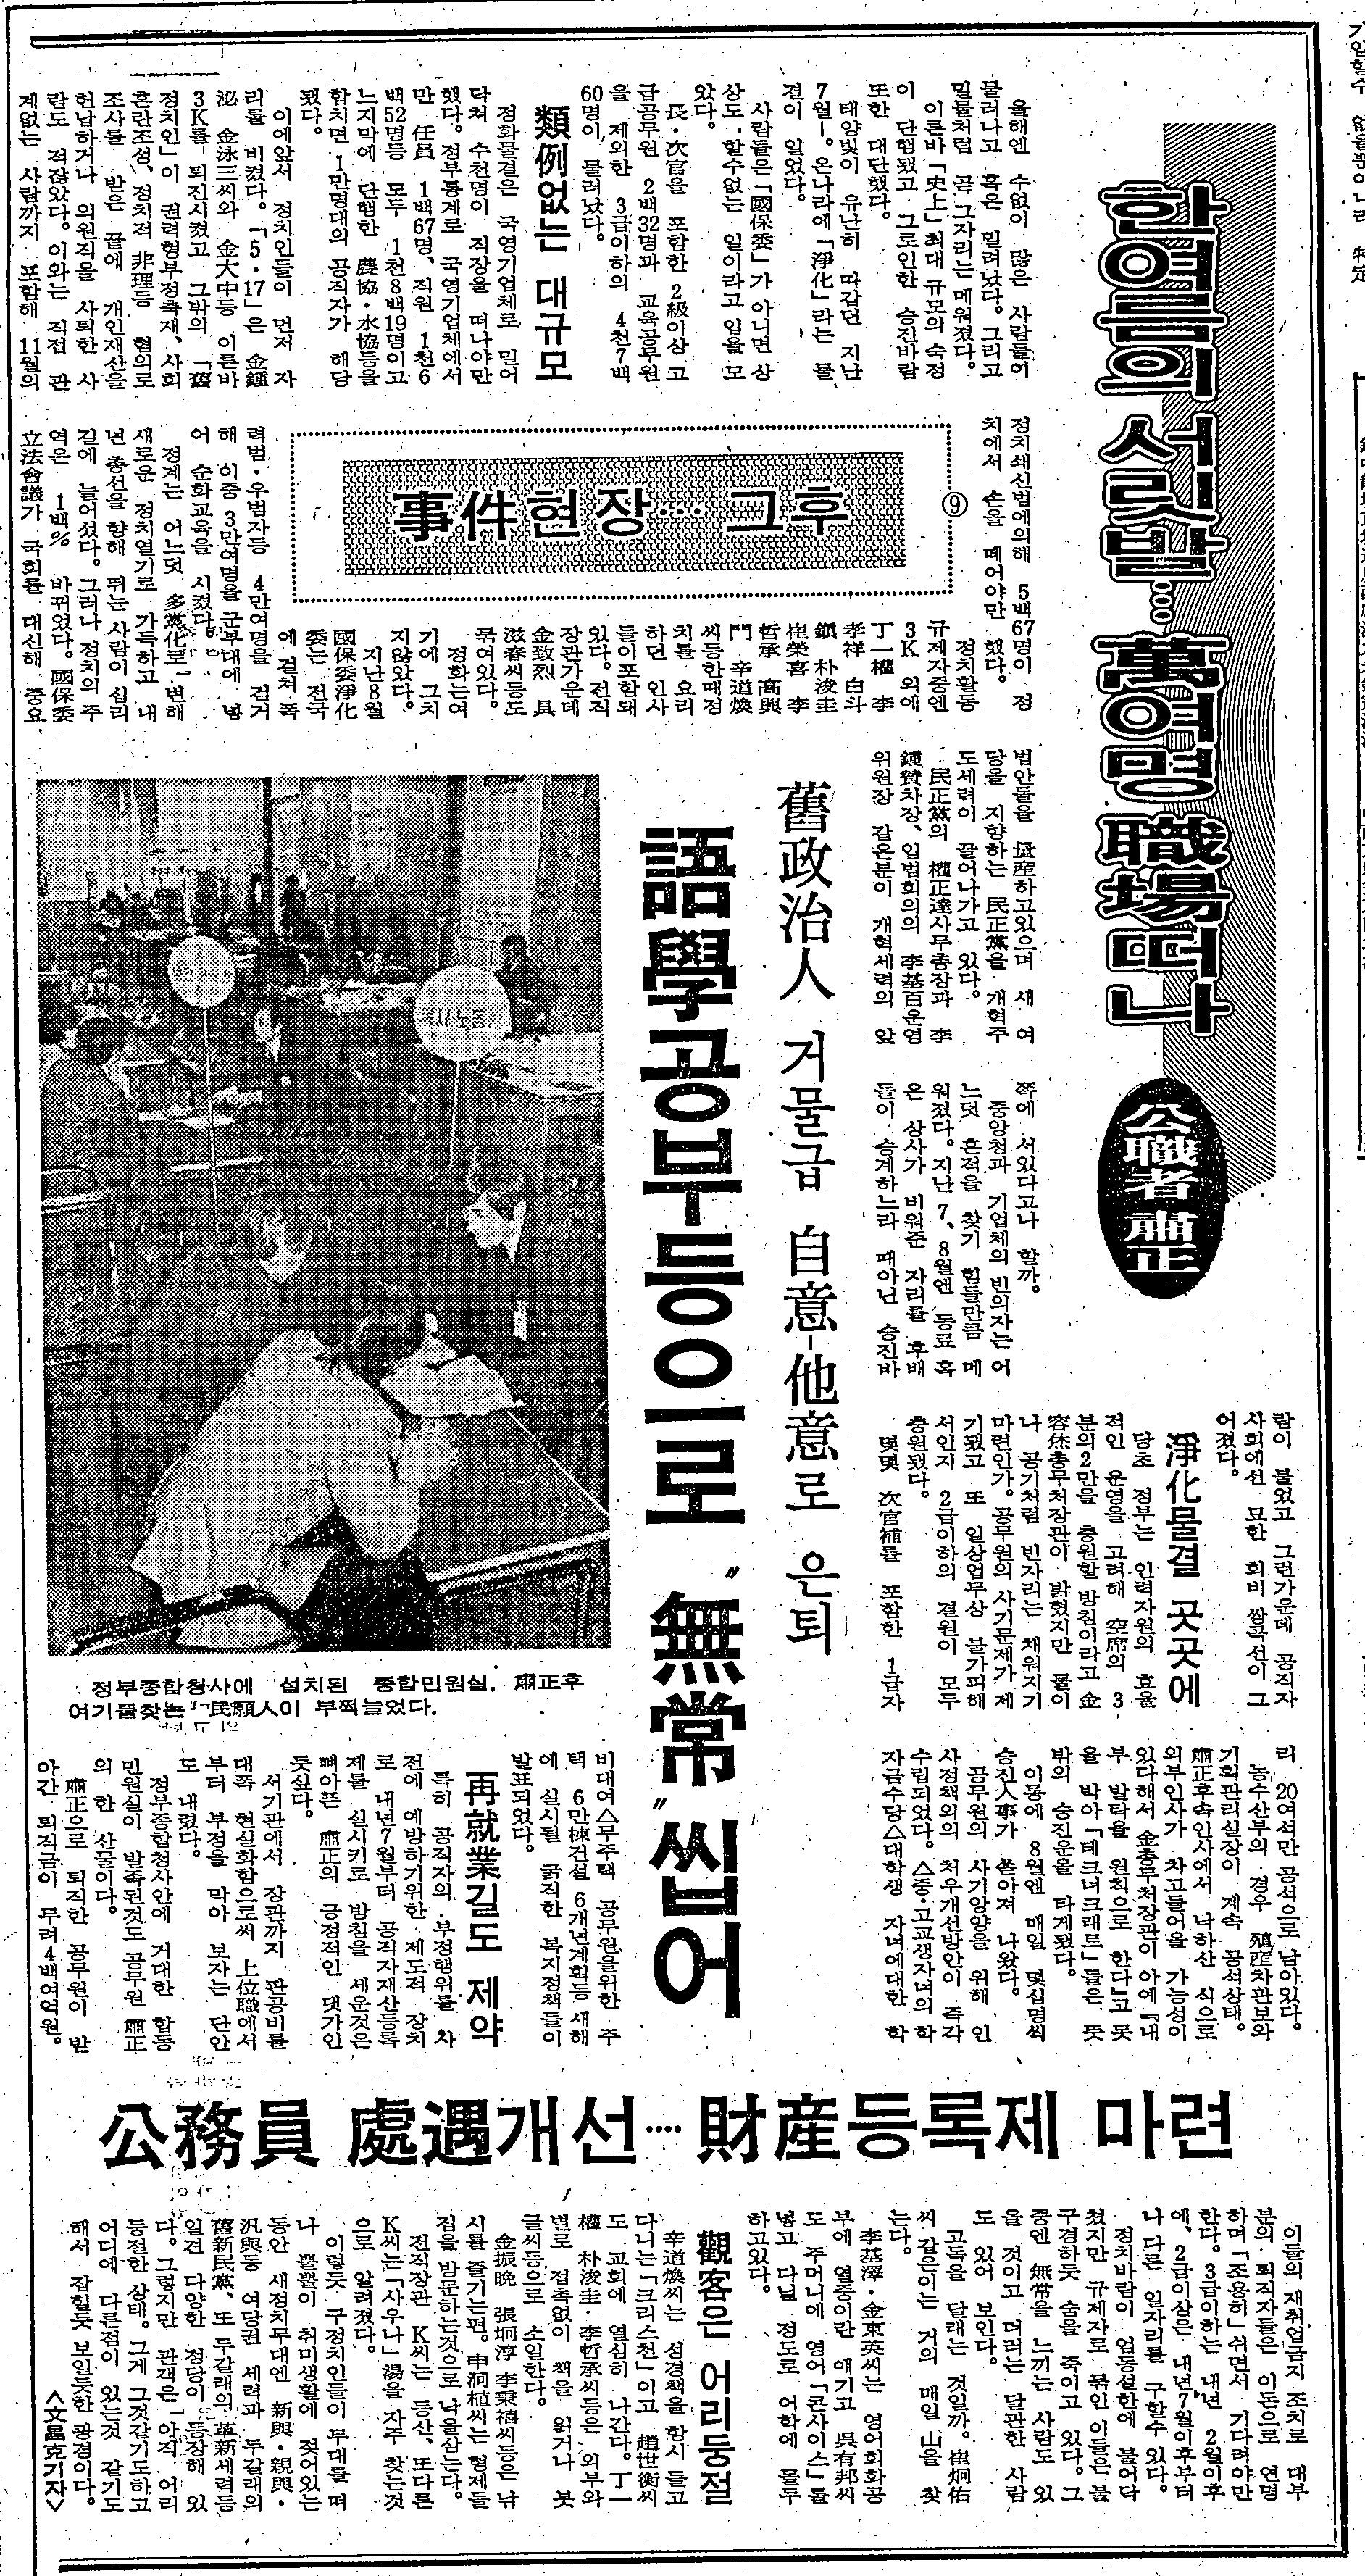 공무원 '숙정' 이후 세태를 다룬 본지 1980년 12월26일자 1면 보도  자료=중앙DB